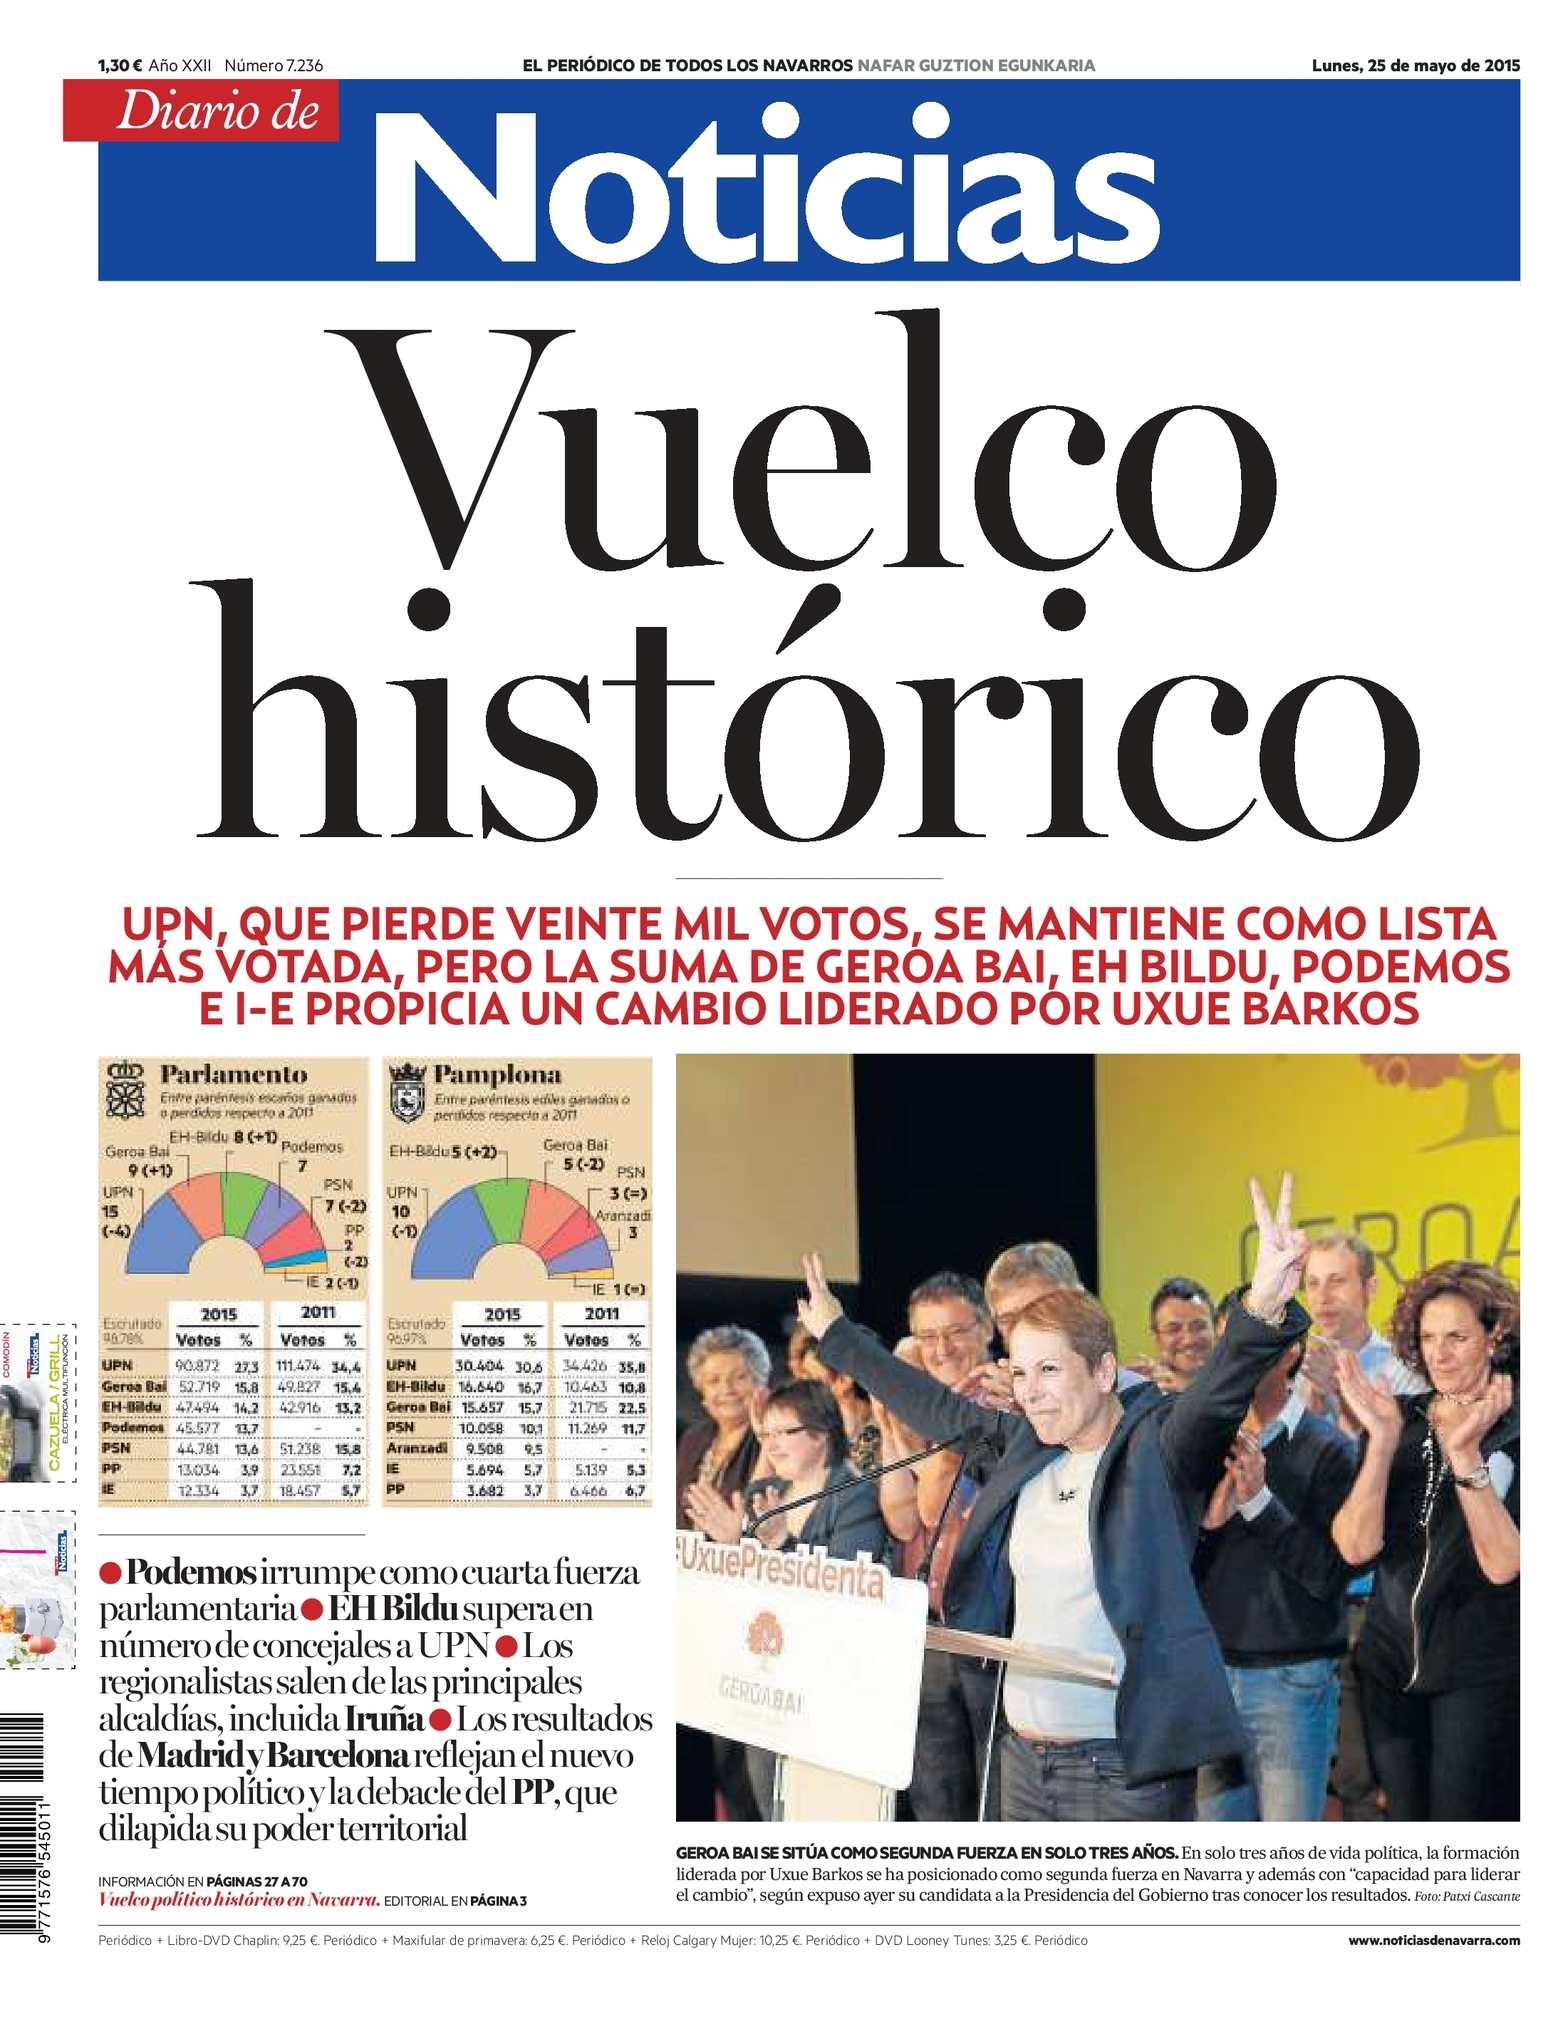 Calaméo - Diario de Noticias 20150525